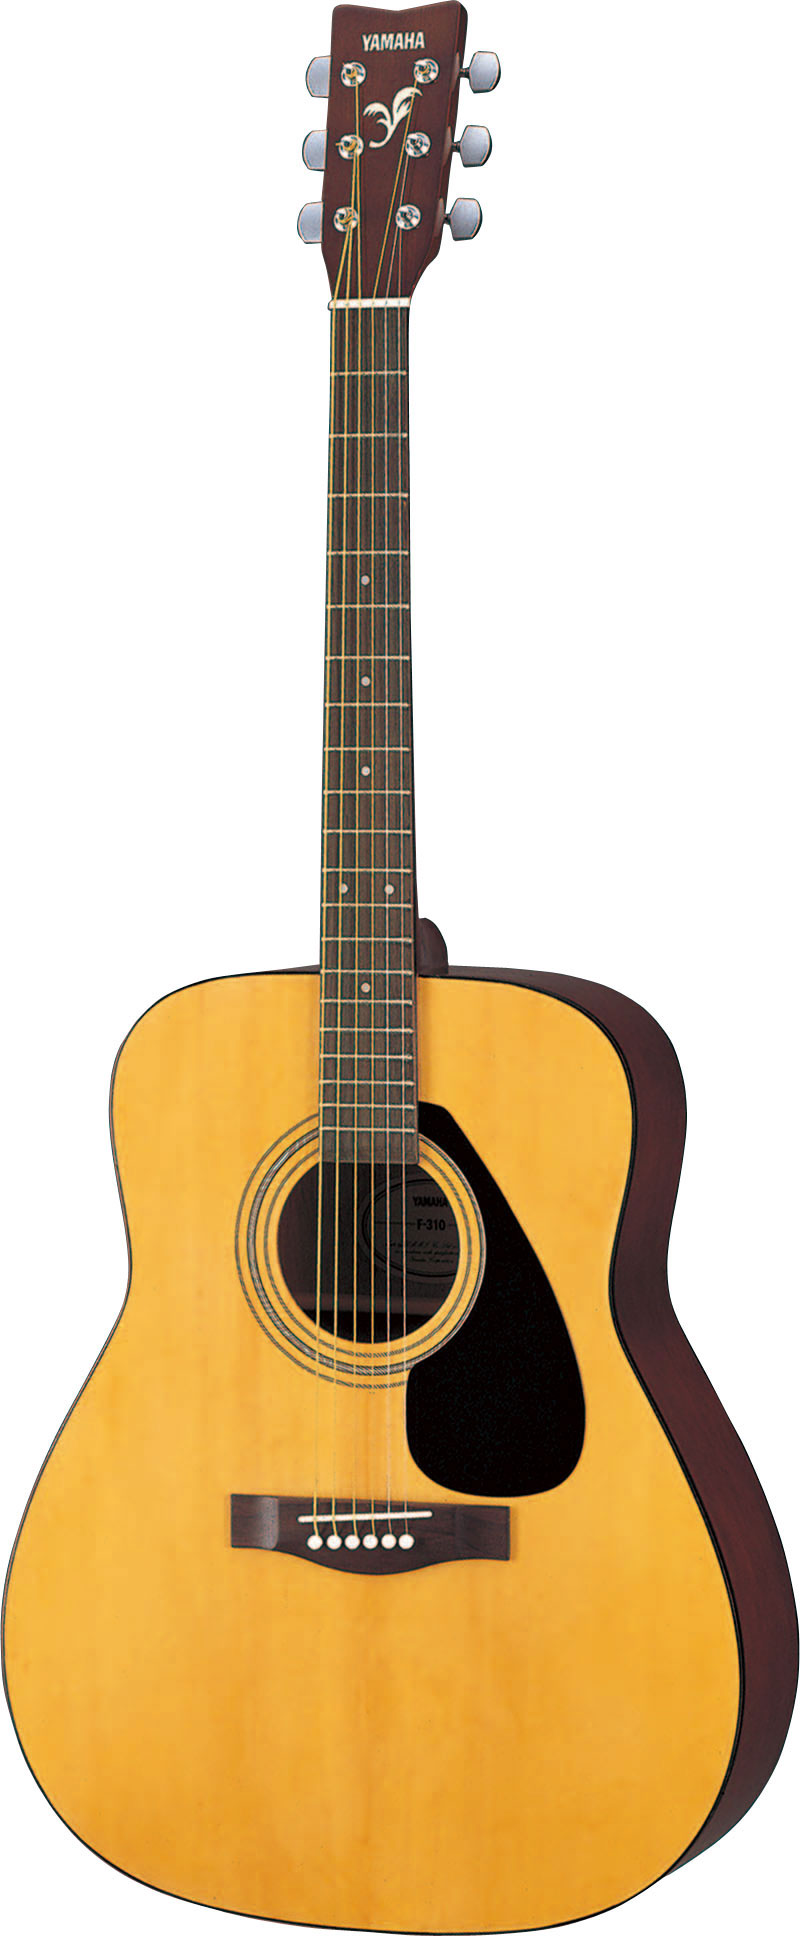 dan guitar yamaha dem hat